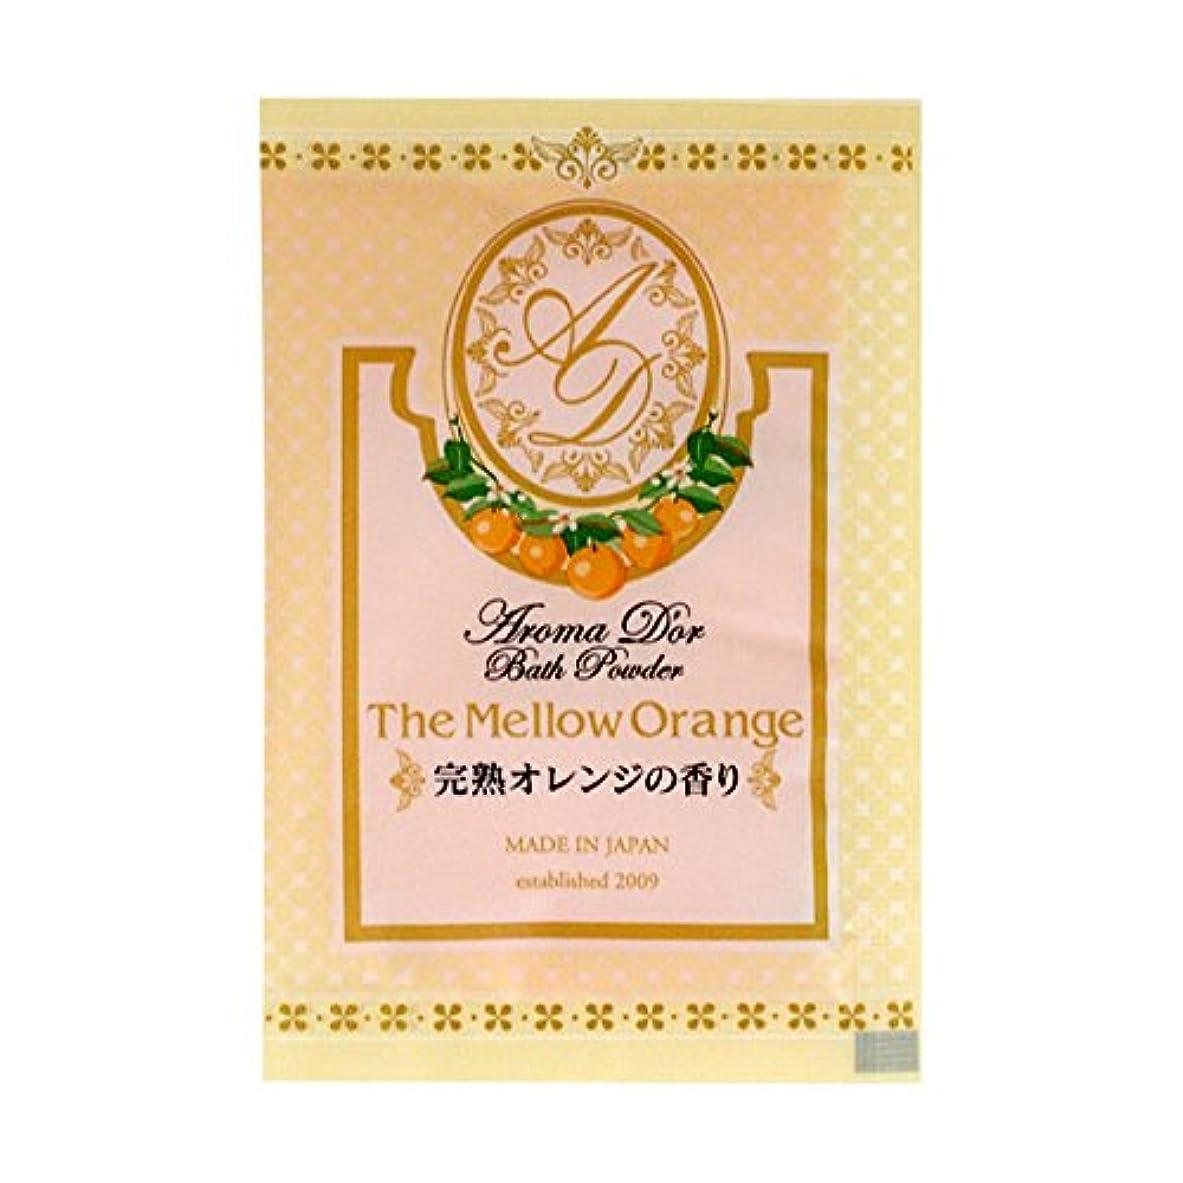 エステート報奨金紫の入浴剤 アロマドールバスパウダー 「完熟オレンジの香り」30個